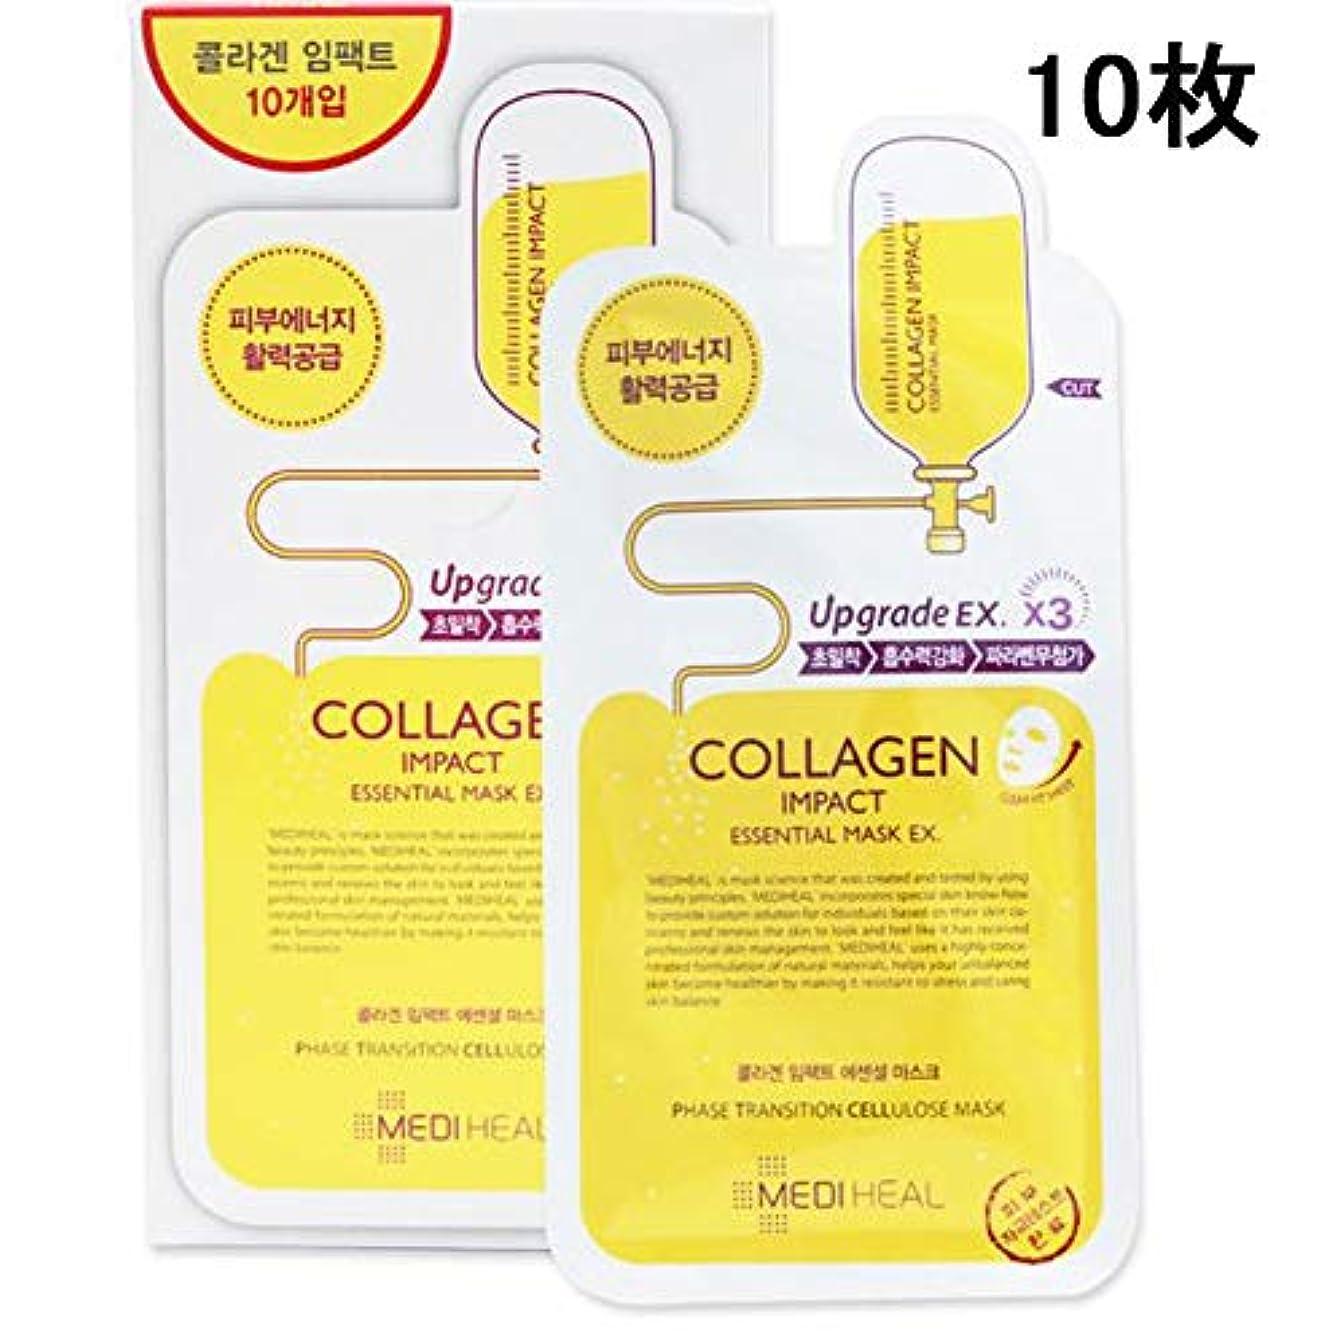 課す高層ビルラフト[メディヒール] Mediheal Colagen Impact Essential Mask メディヒールコラーゲンインパクトエッセンシャルマスクシートEX 10枚 (24ml) [海外直送品][並行輸入品]